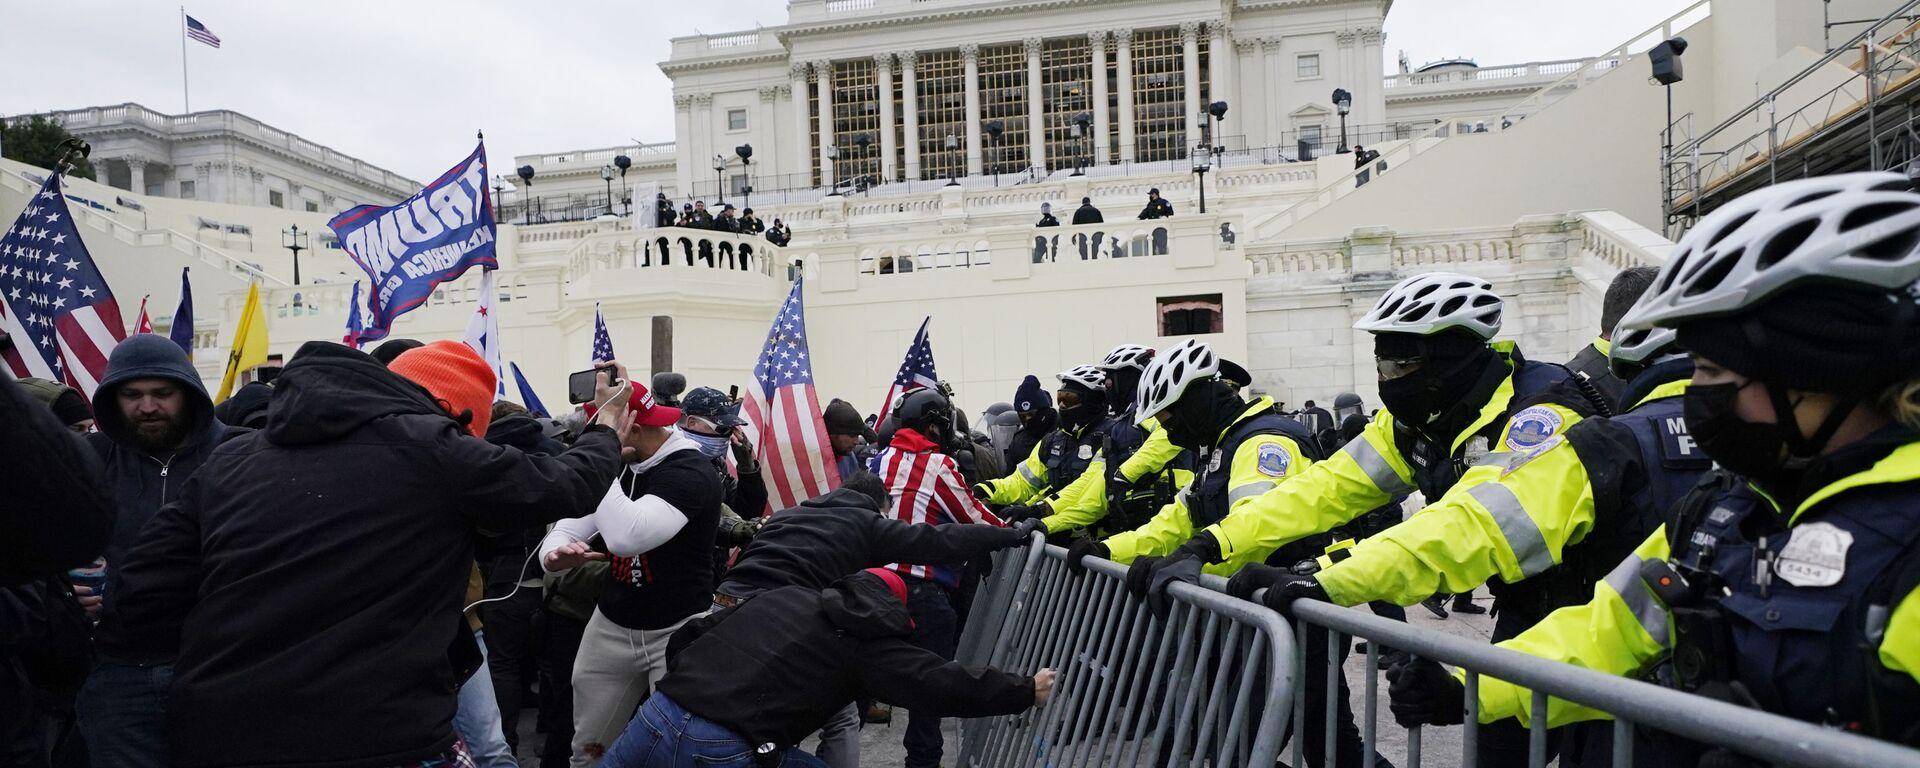 Manifestantes durante las protestas frente al Capitolio (Washington) - Sputnik Mundo, 1920, 07.01.2021